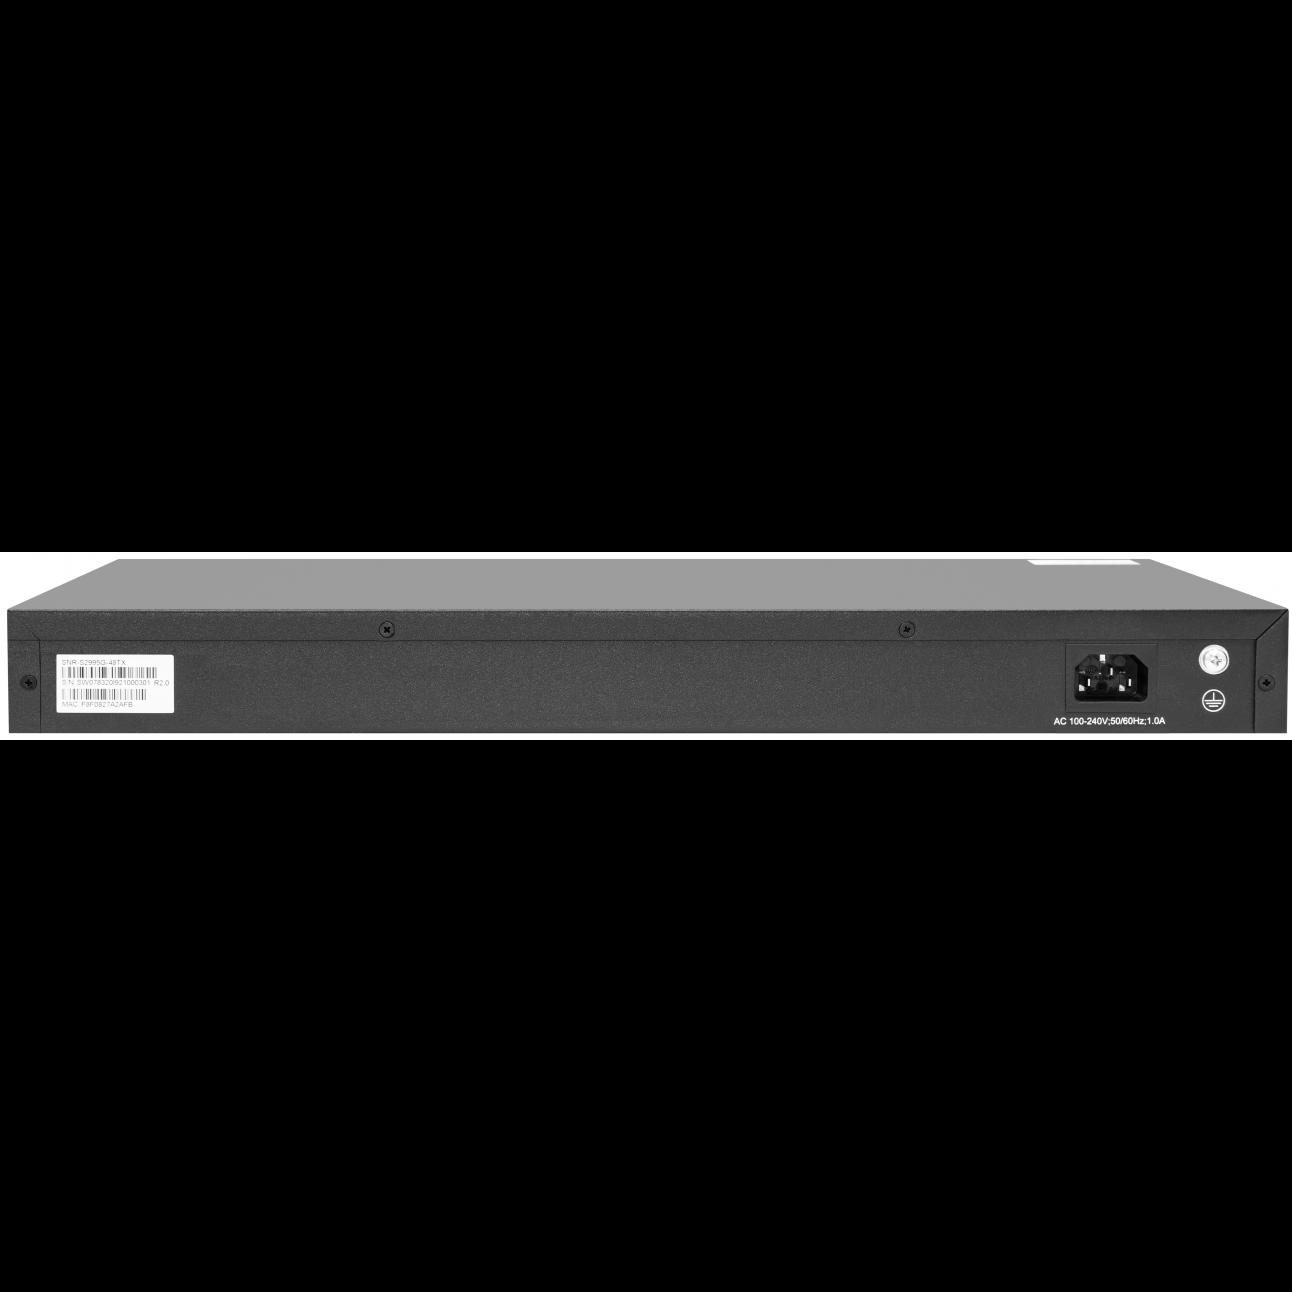 Управляемый коммутатор уровня 3 SNR-S2995G-48TX